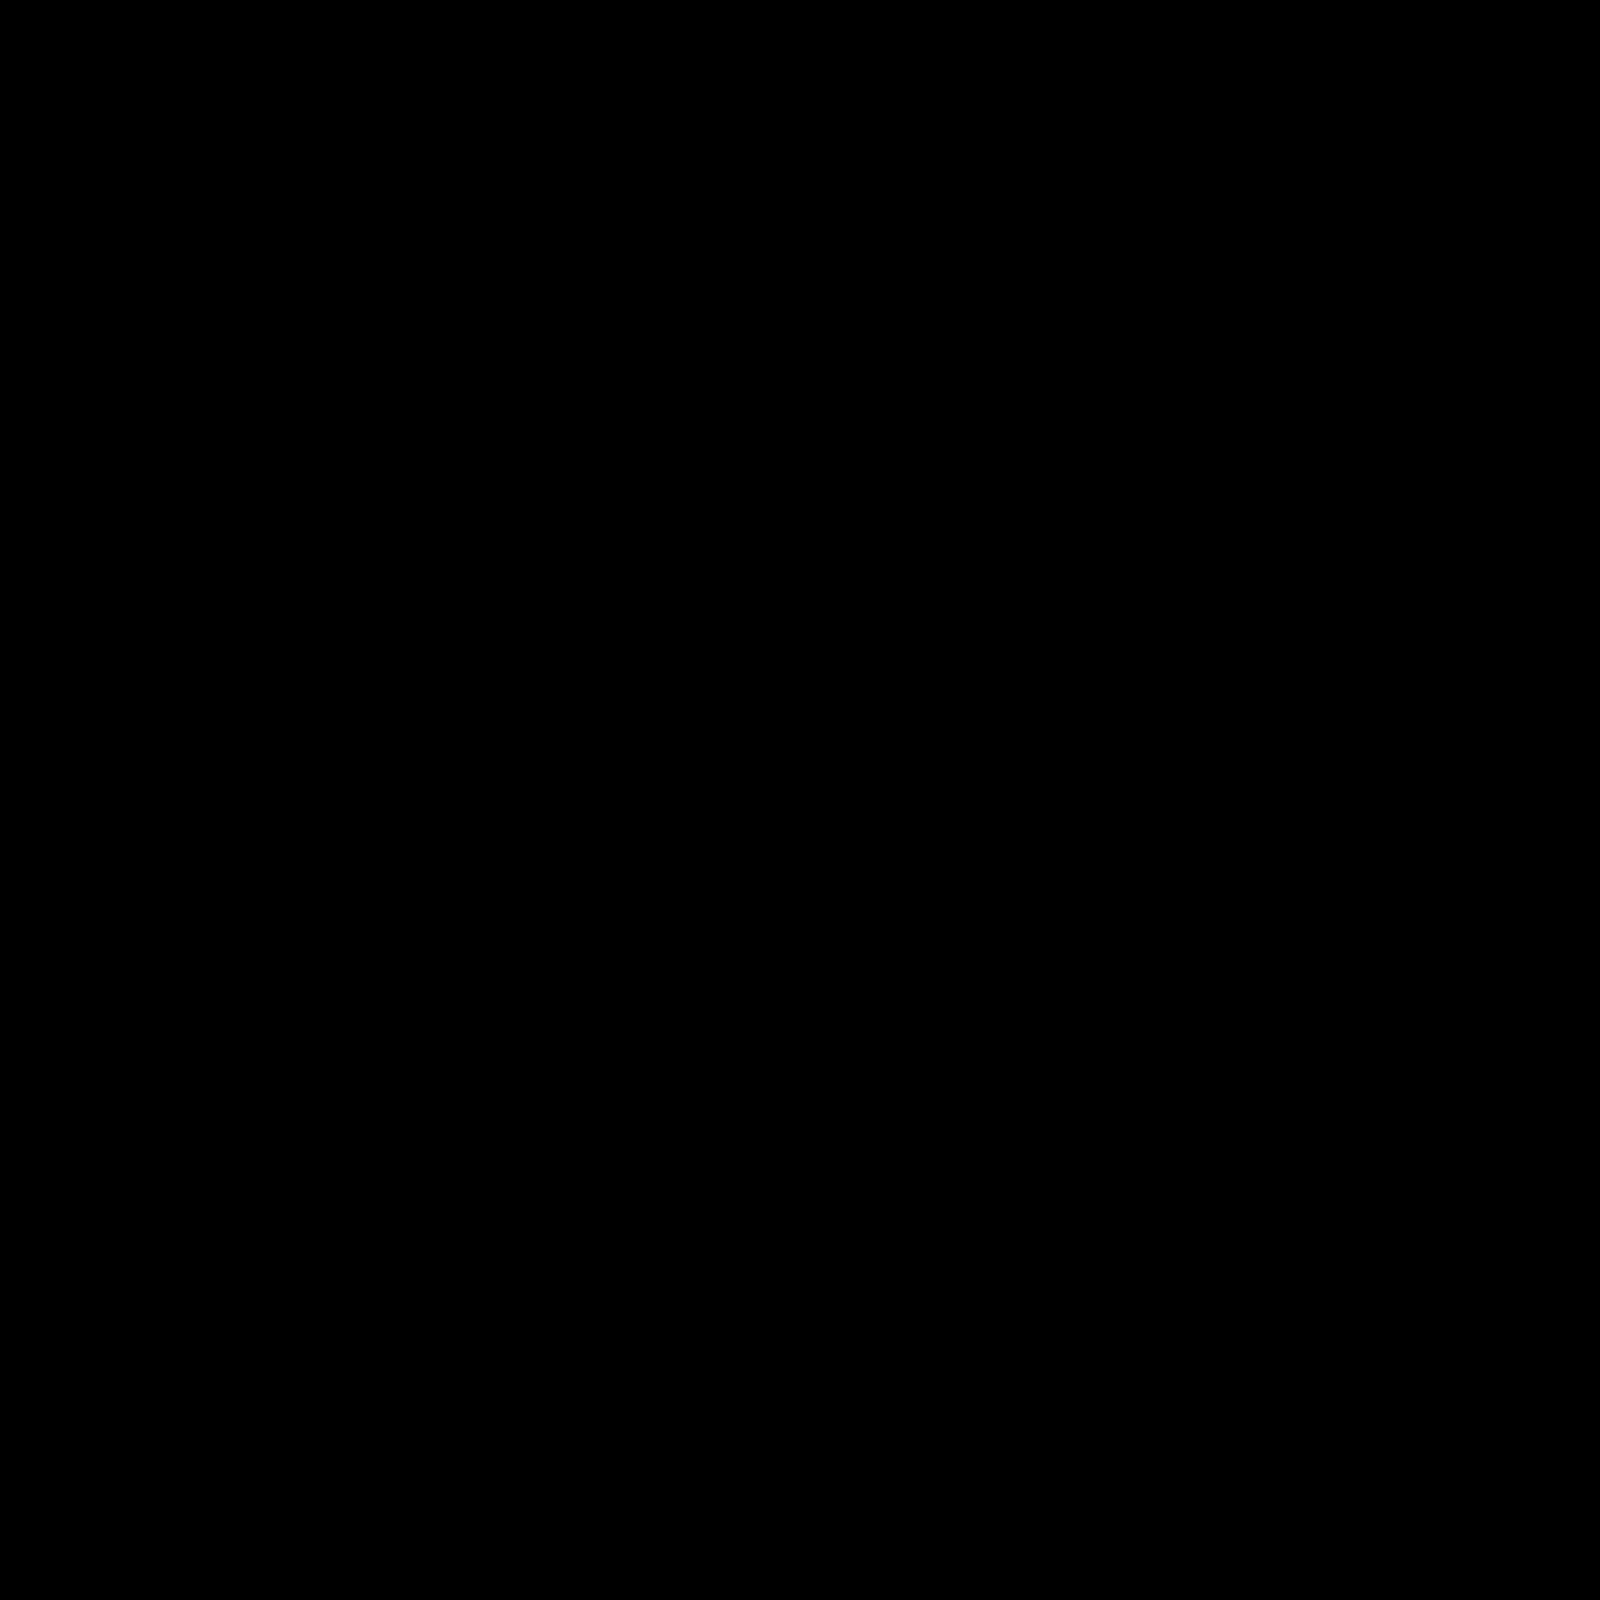 clipart black and white Calories icono descarga gratuita. Vector contains logo